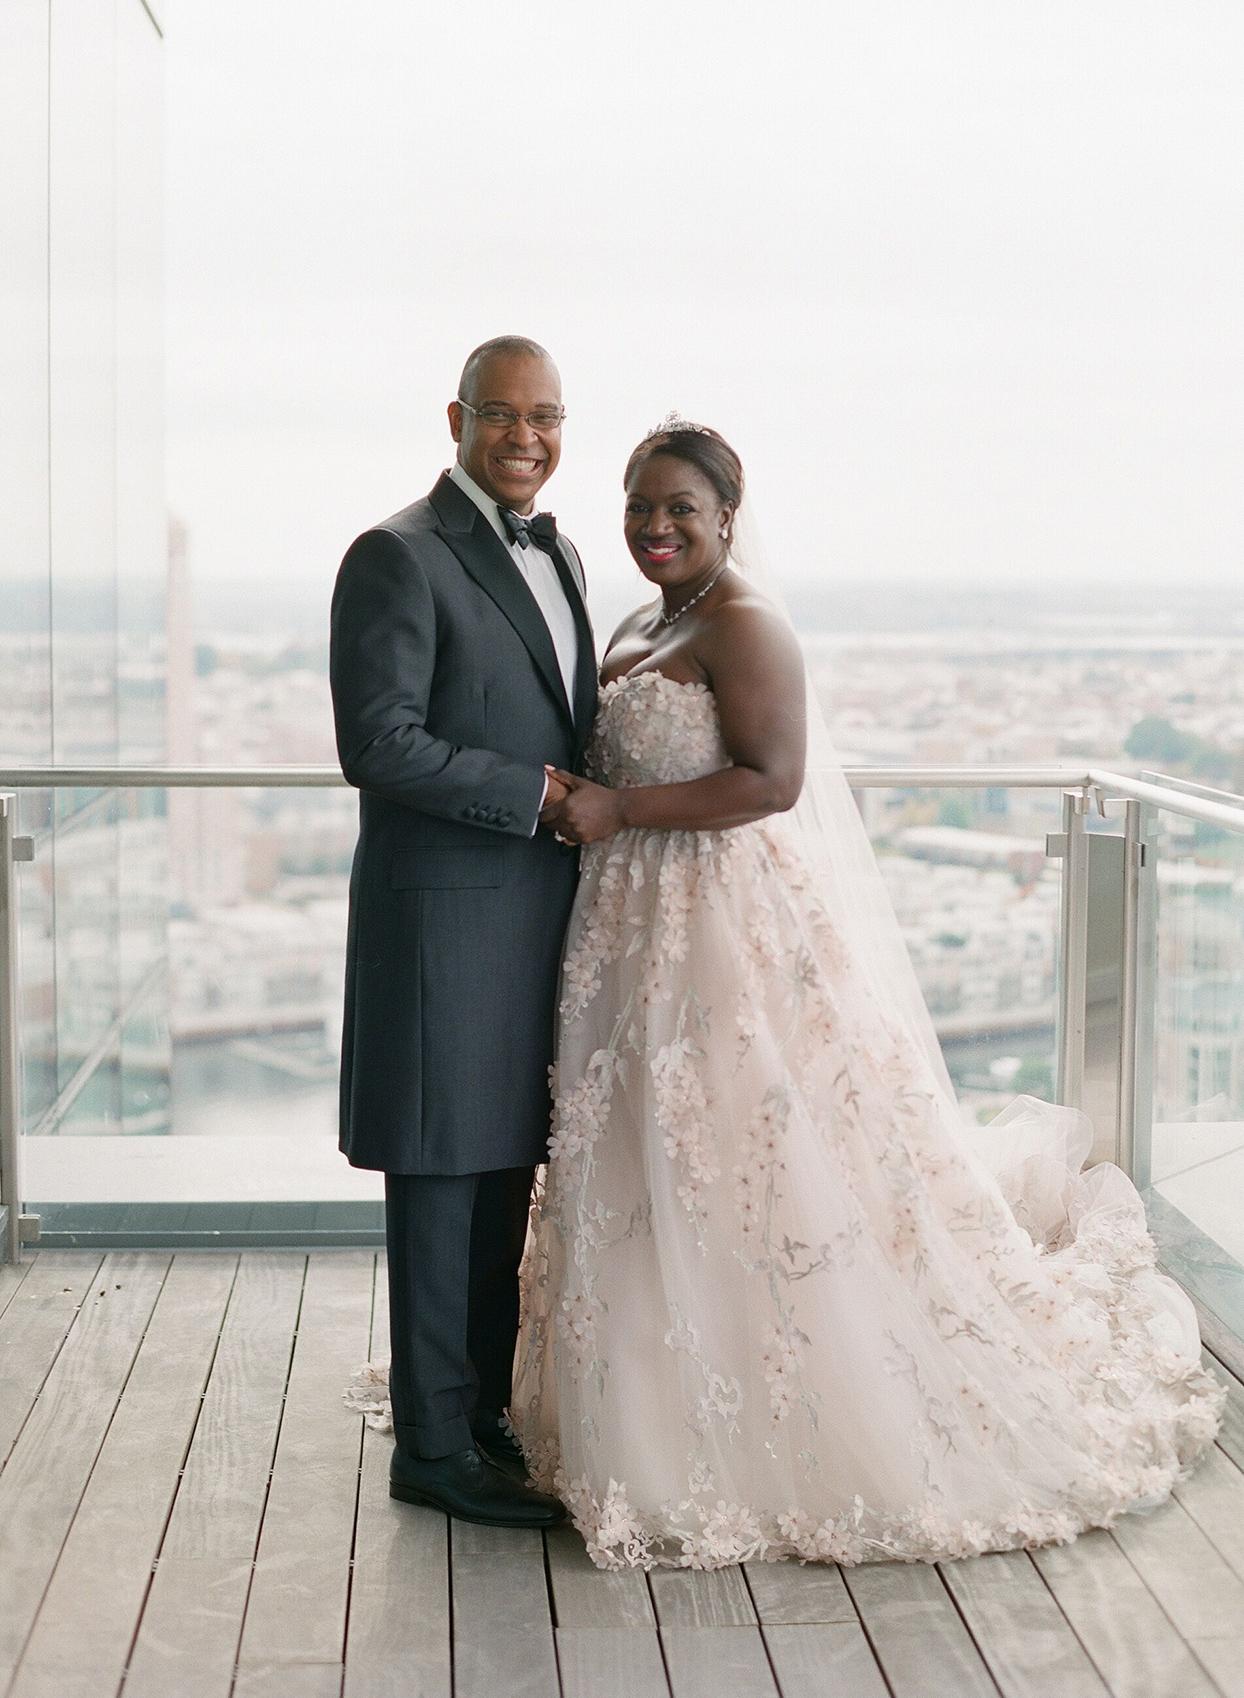 wedding couple portrait on balcony overlooking baltimore